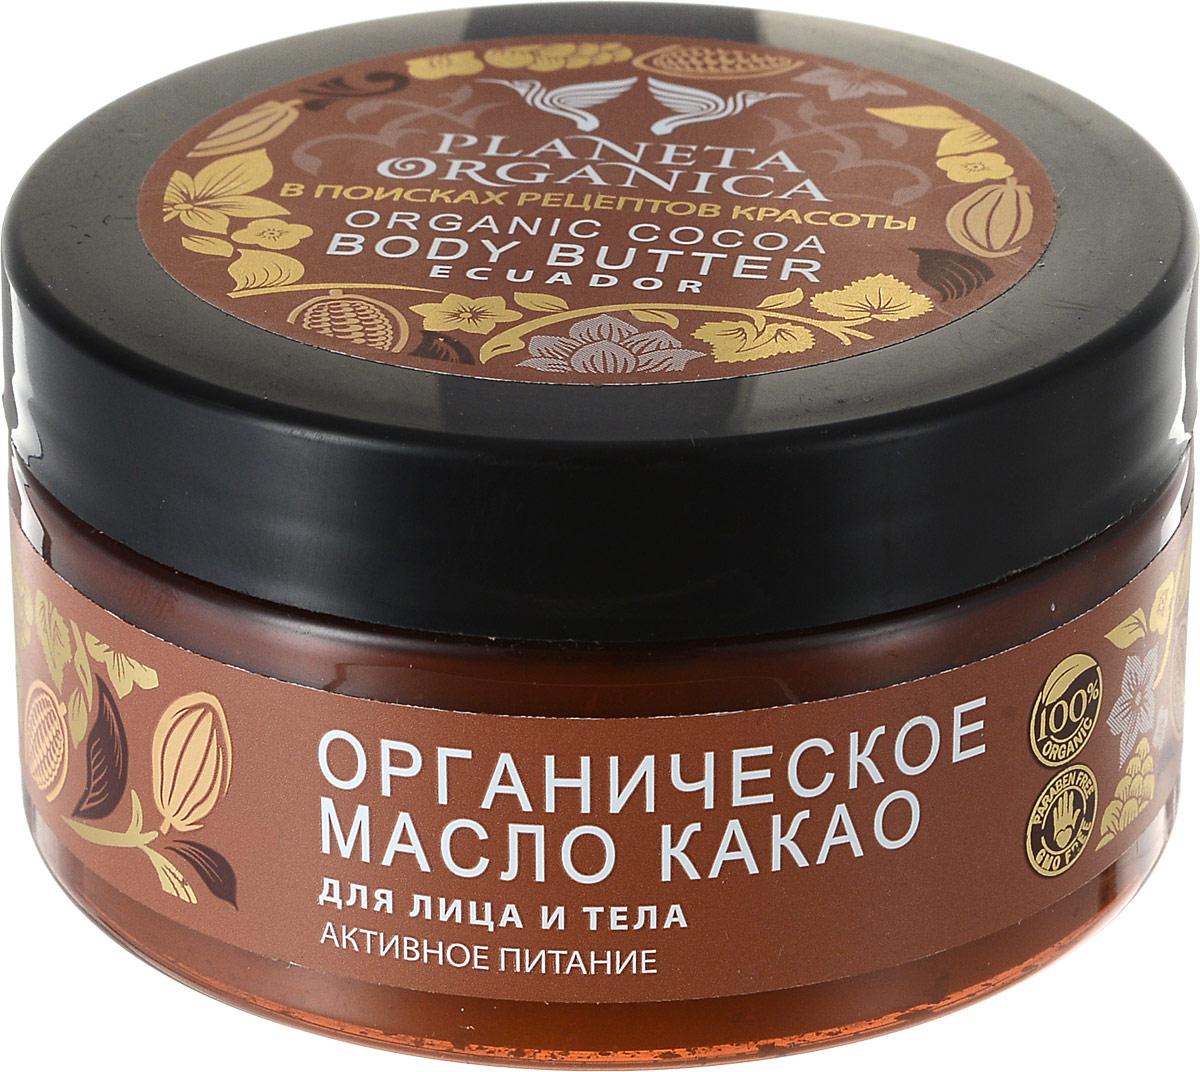 купить масло какао в косметику